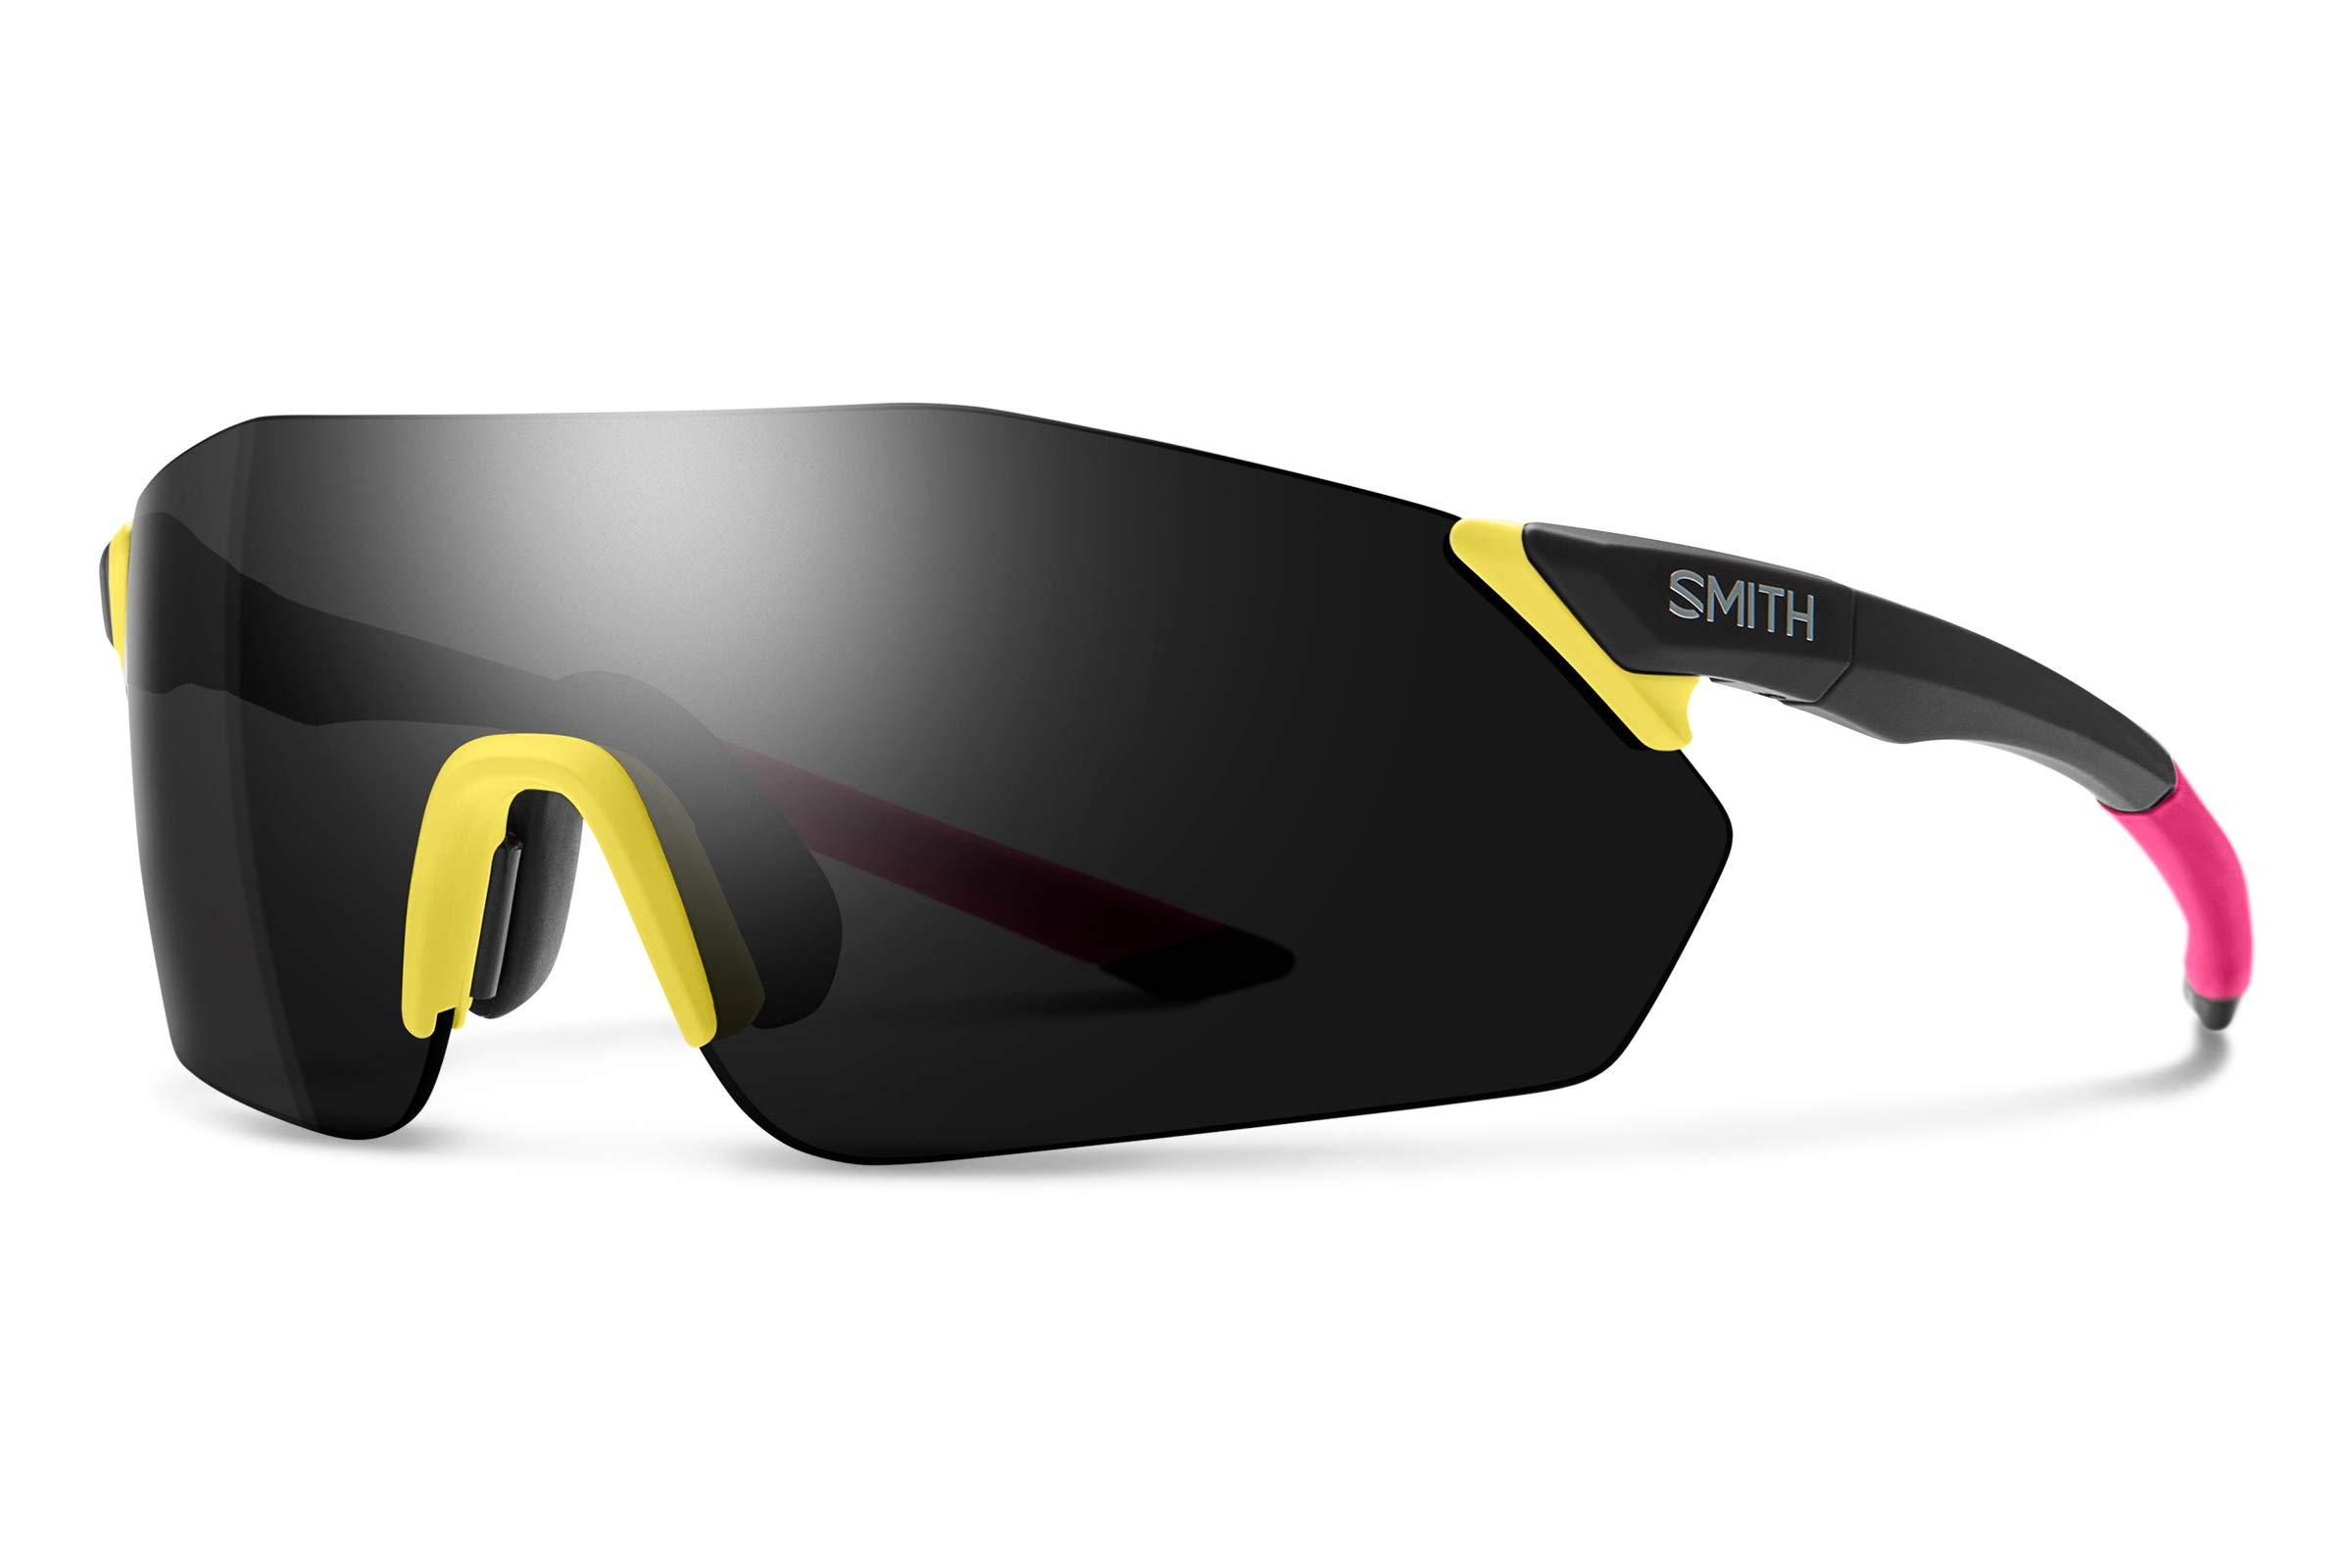 Smith Reverb Chromapop Sunglasses, Matte Citron, Chromapop Sun Black/Contrast Rose